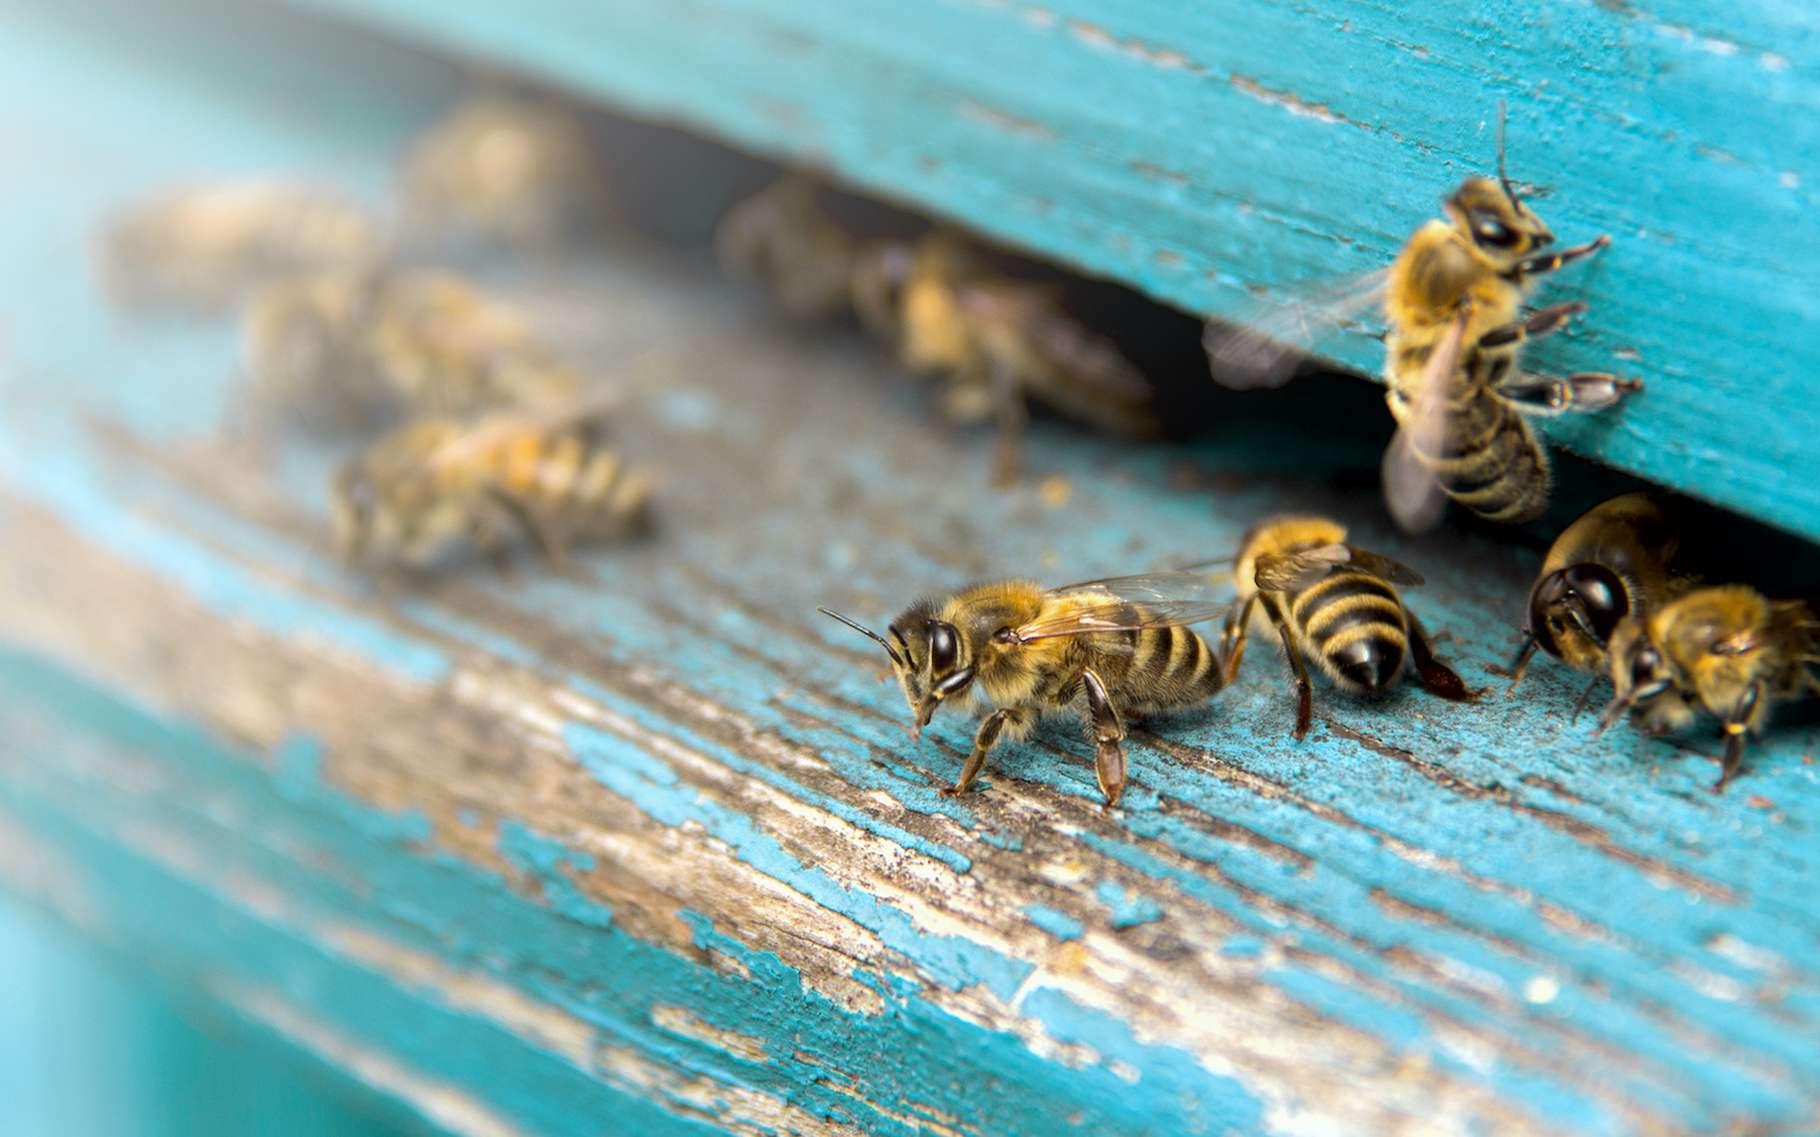 L'abeille, c'est un insecte pollinisateur qui vit en société. Il est capable d'apprendre et de mémoriser des informations. Il est aussi capable de les transmettre de proche en proche, un peu à l'image de ce que nous faisons avec nos réseaux de télécommunication. Pas si bête, l'abeille… © marina_foteeva, Adobe Stock